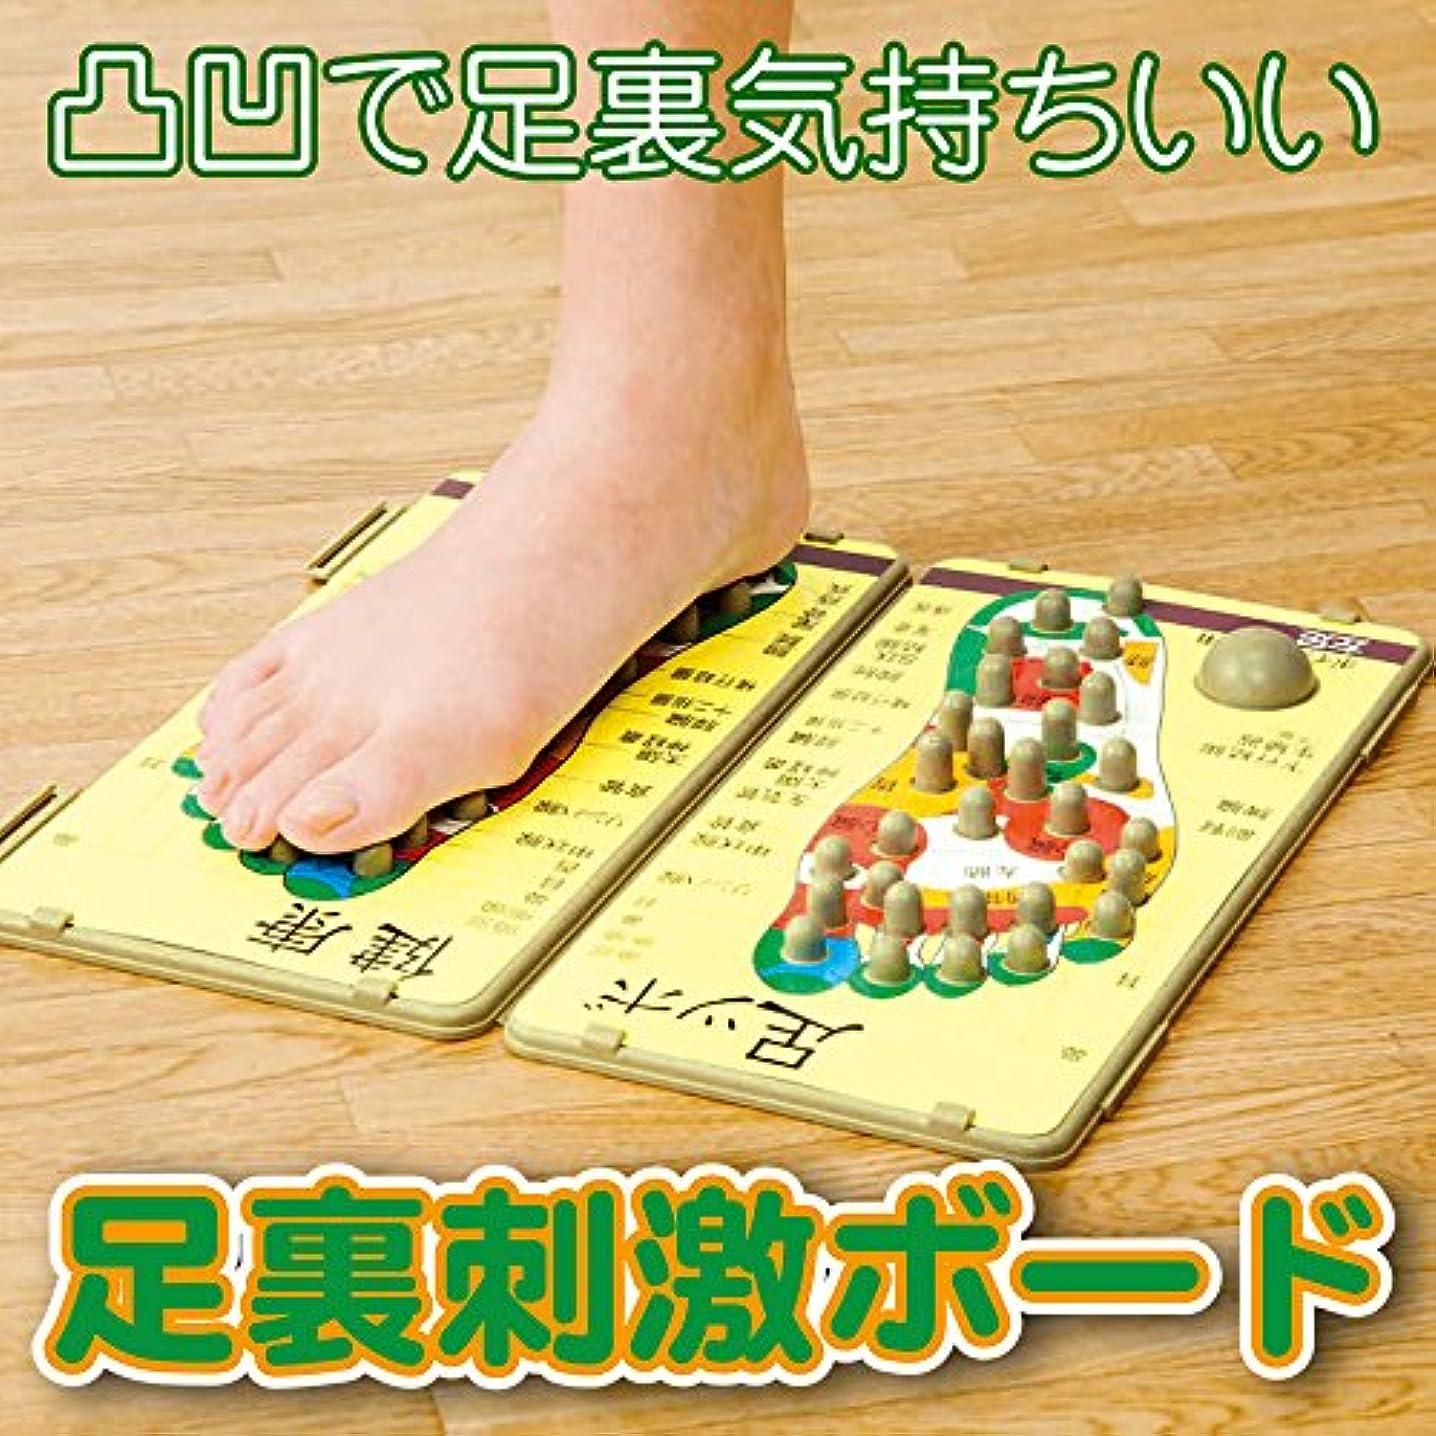 小さい大きい提唱する足裏刺激ボード